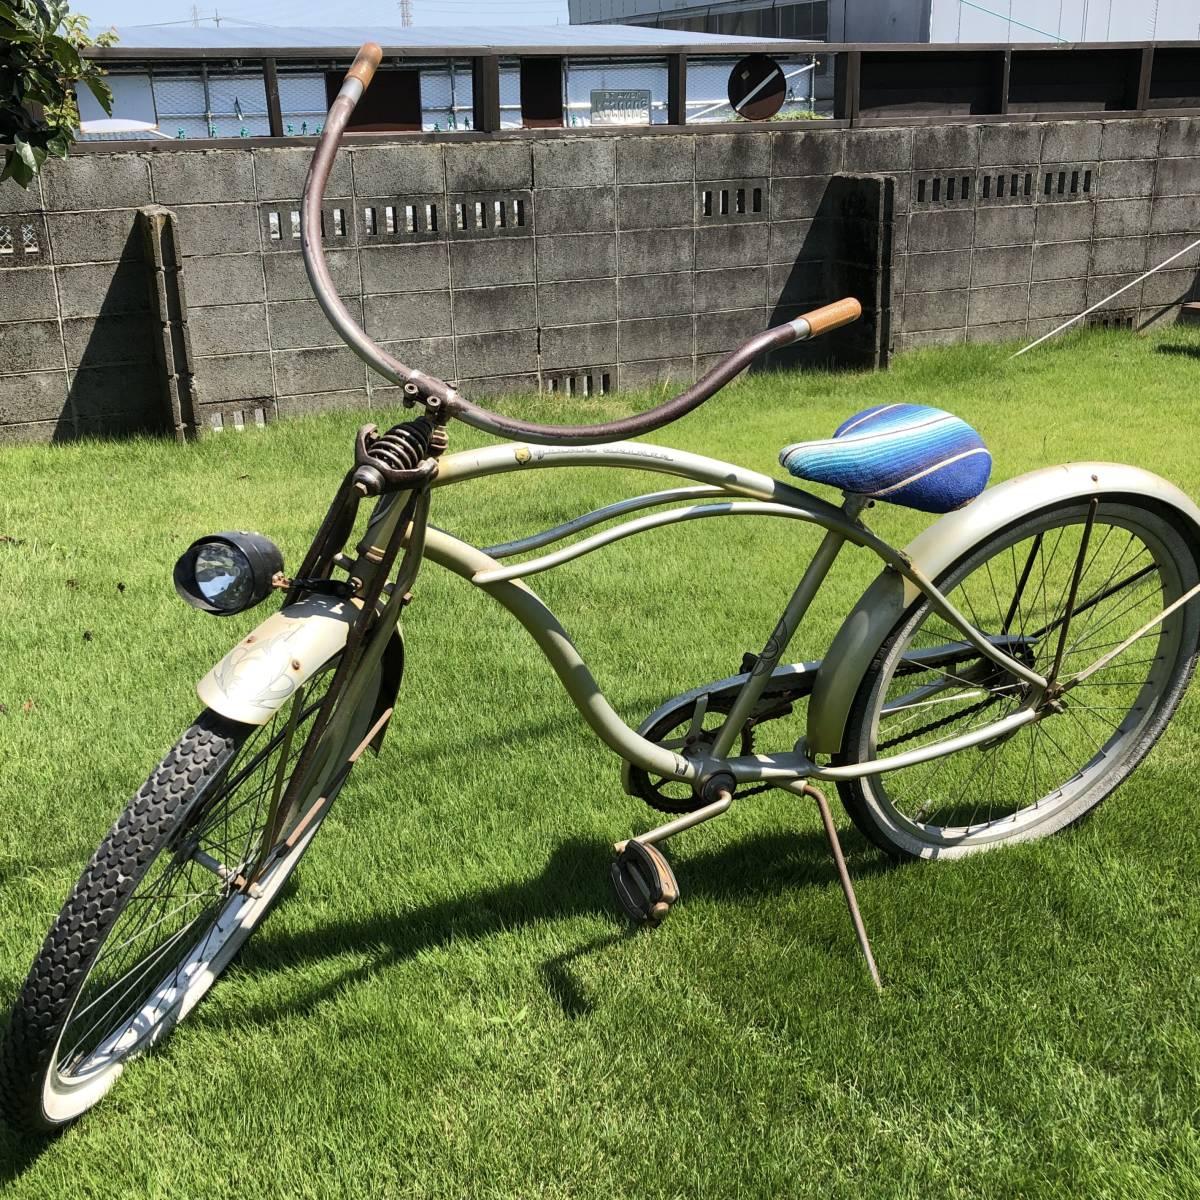 シュウィン ビンテージ 限定車 オリジナル ビーチクルーザー サーフィン 自転車 実働車 アメリカン ローチャリ _画像2